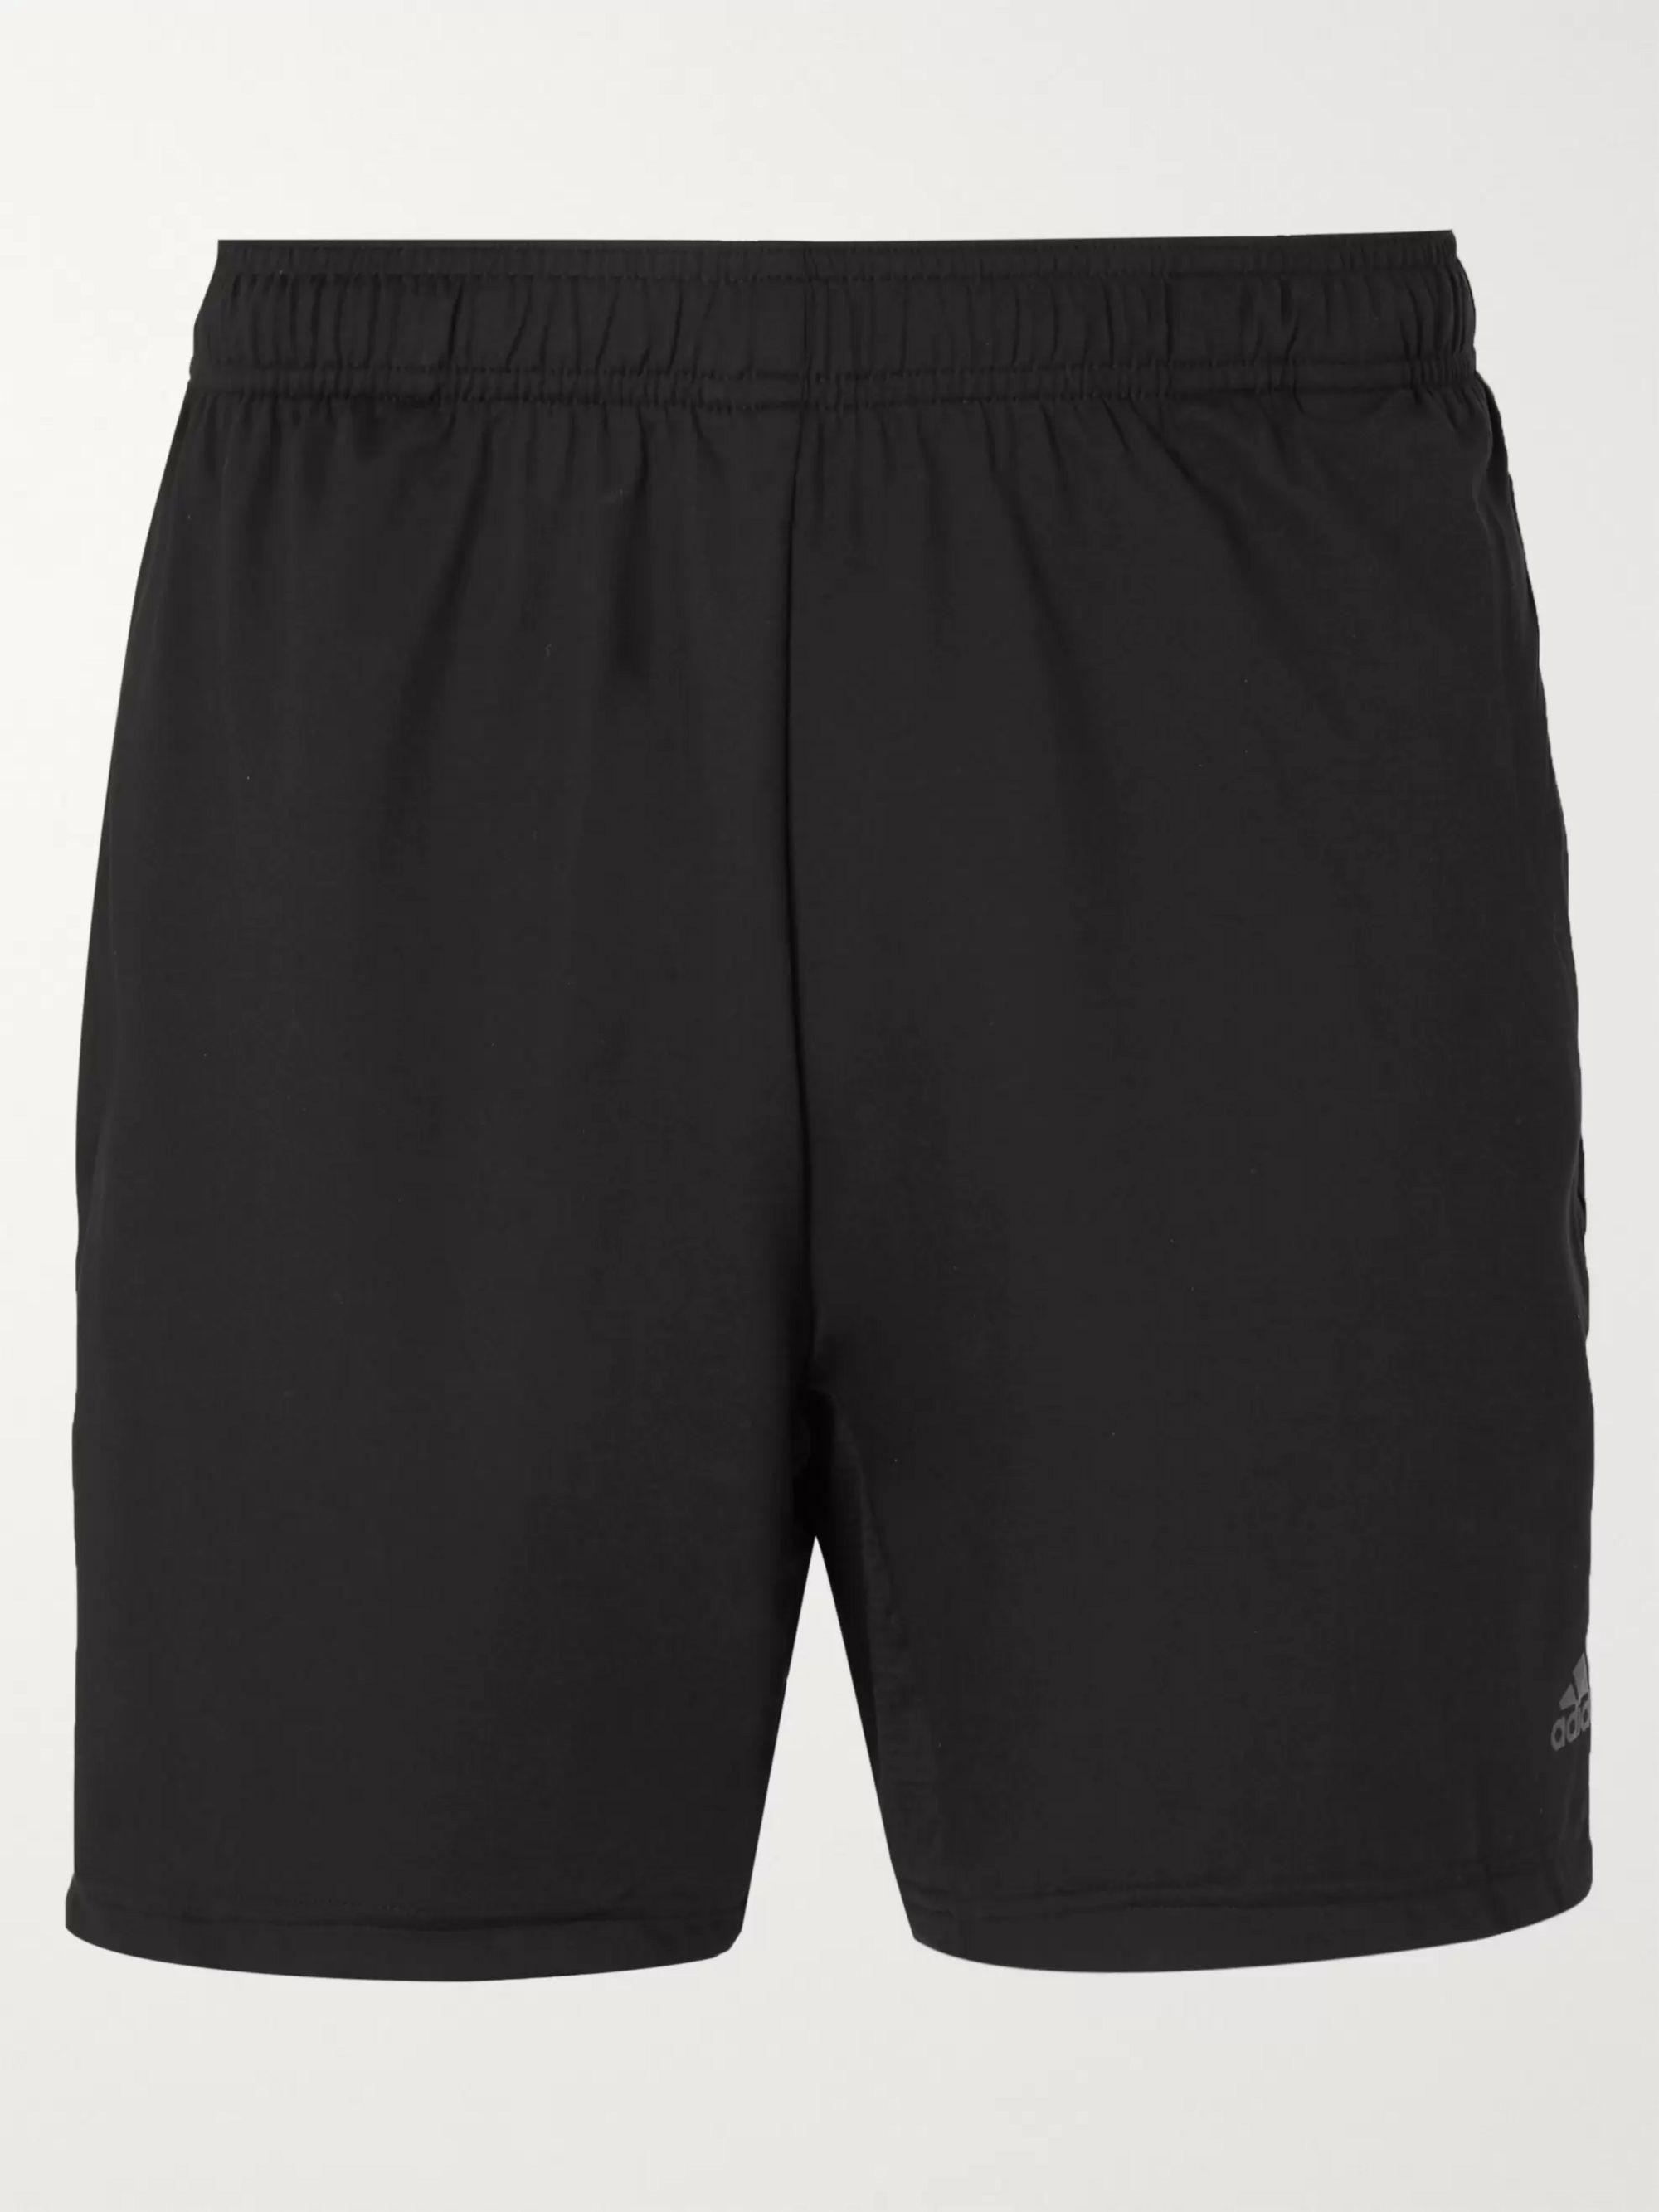 4KTEC Climalite Shorts